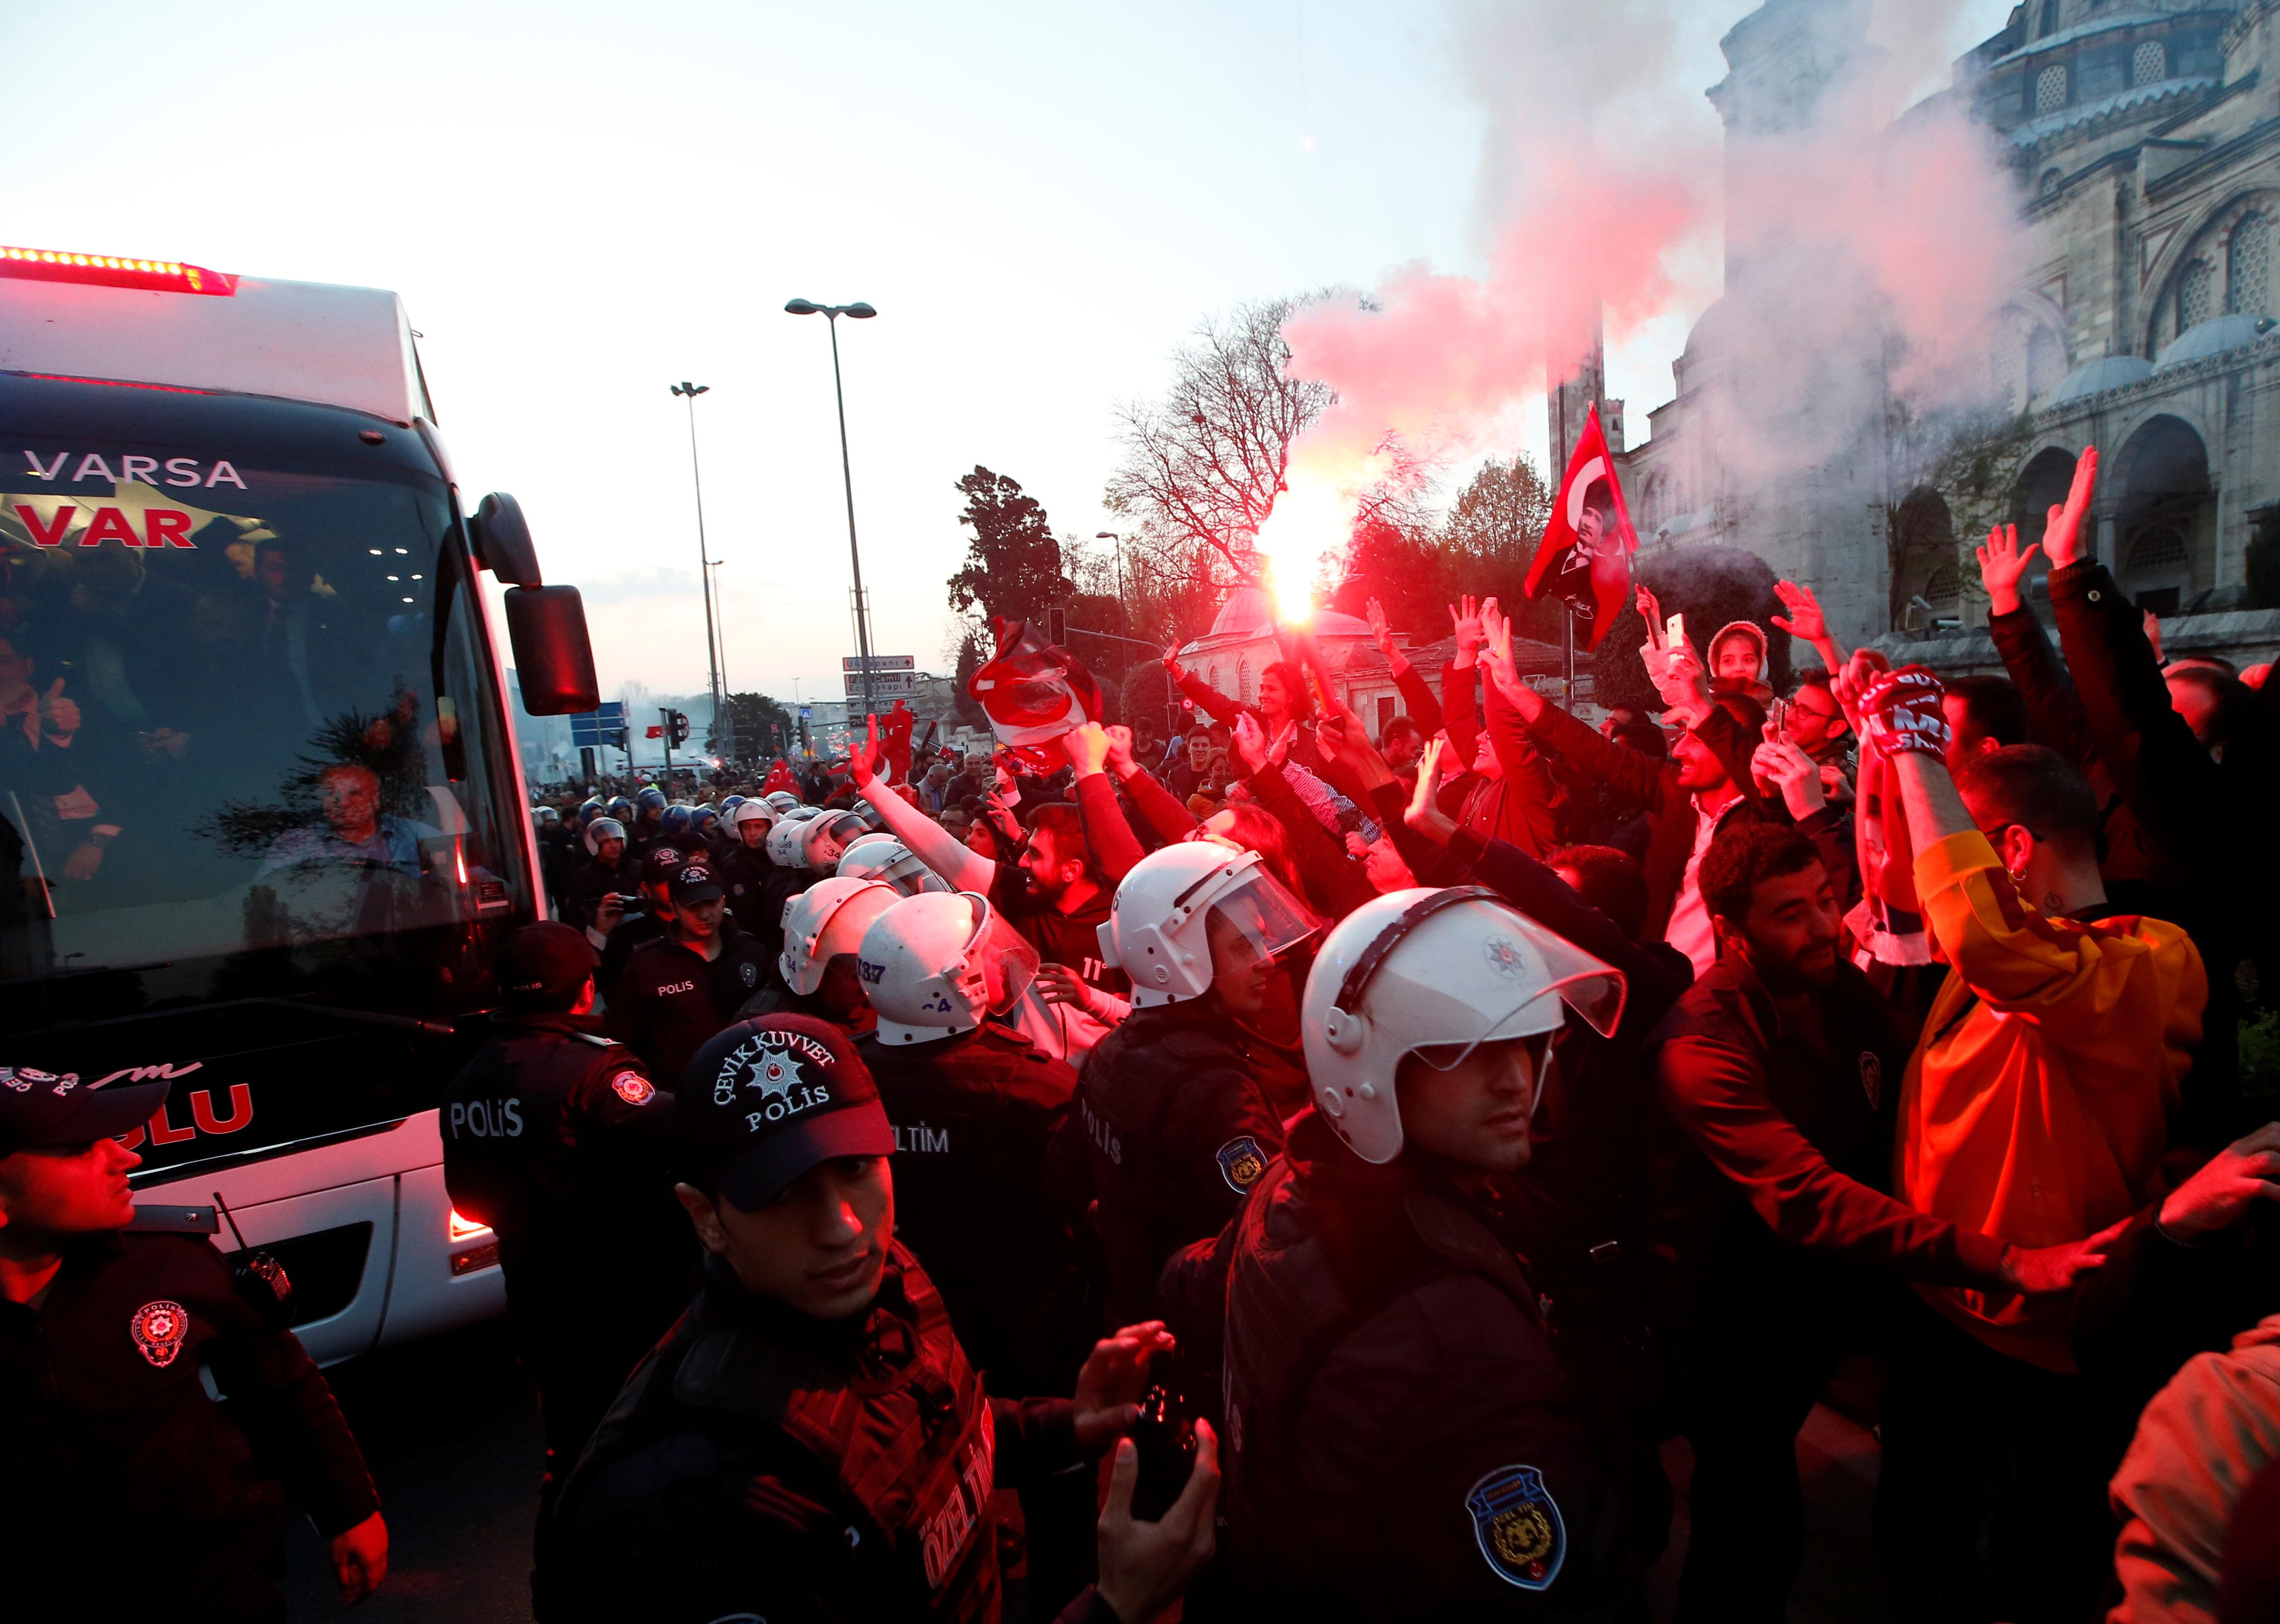 احتفالات اسطنبول بفوز مرشح المعارضة على حساب الحزب الحاكم (17)